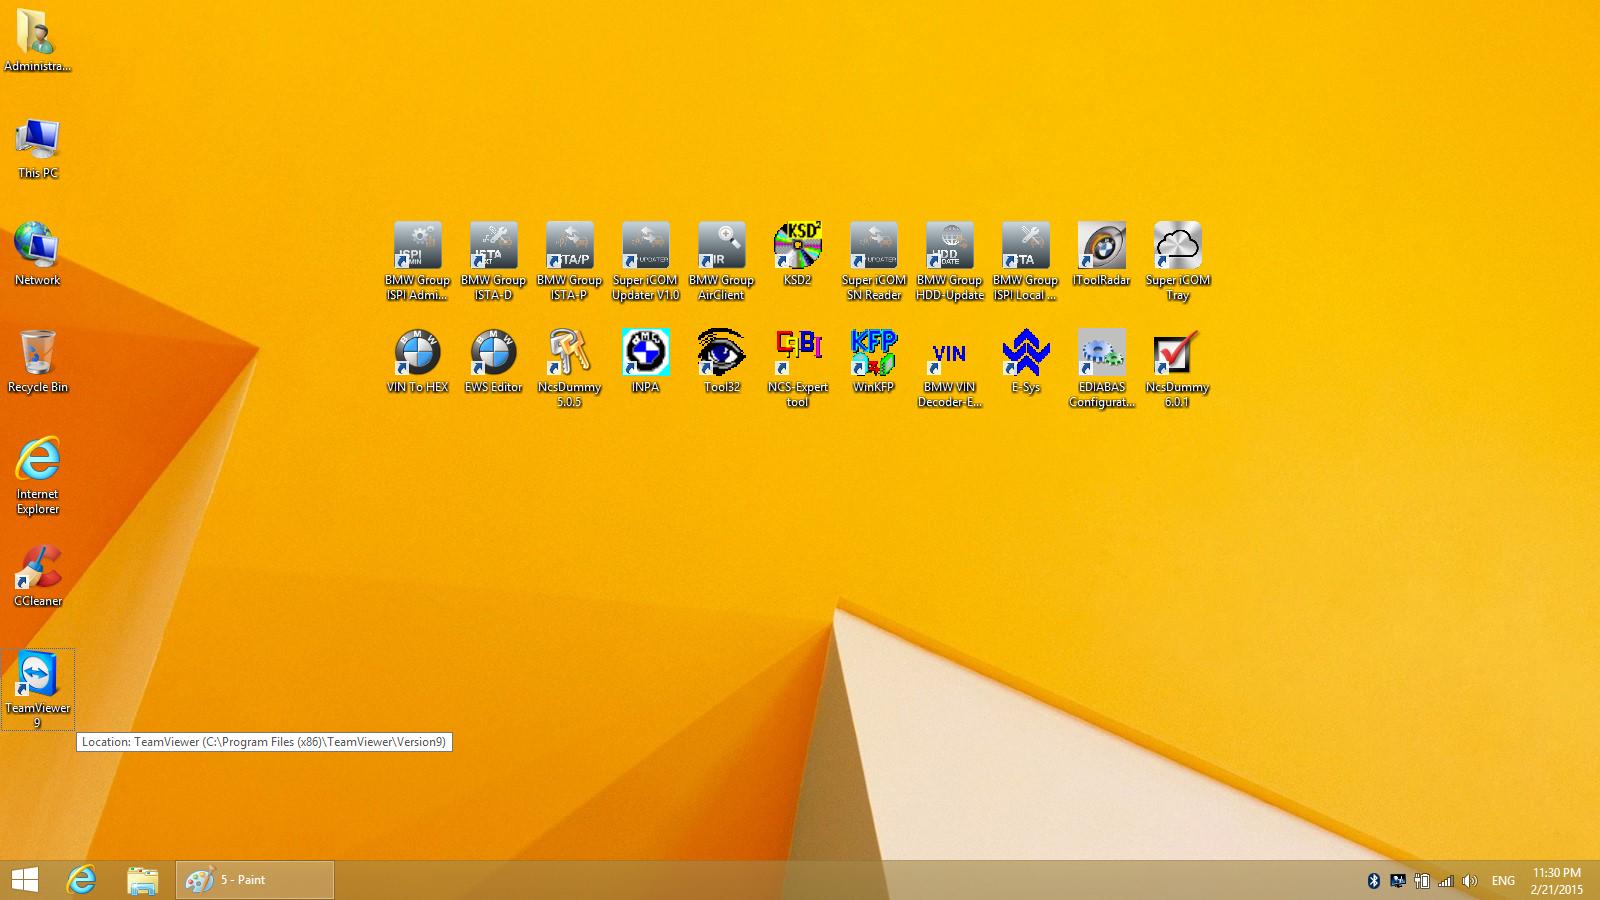 Super icom ISPI NEXT Desktop Perview